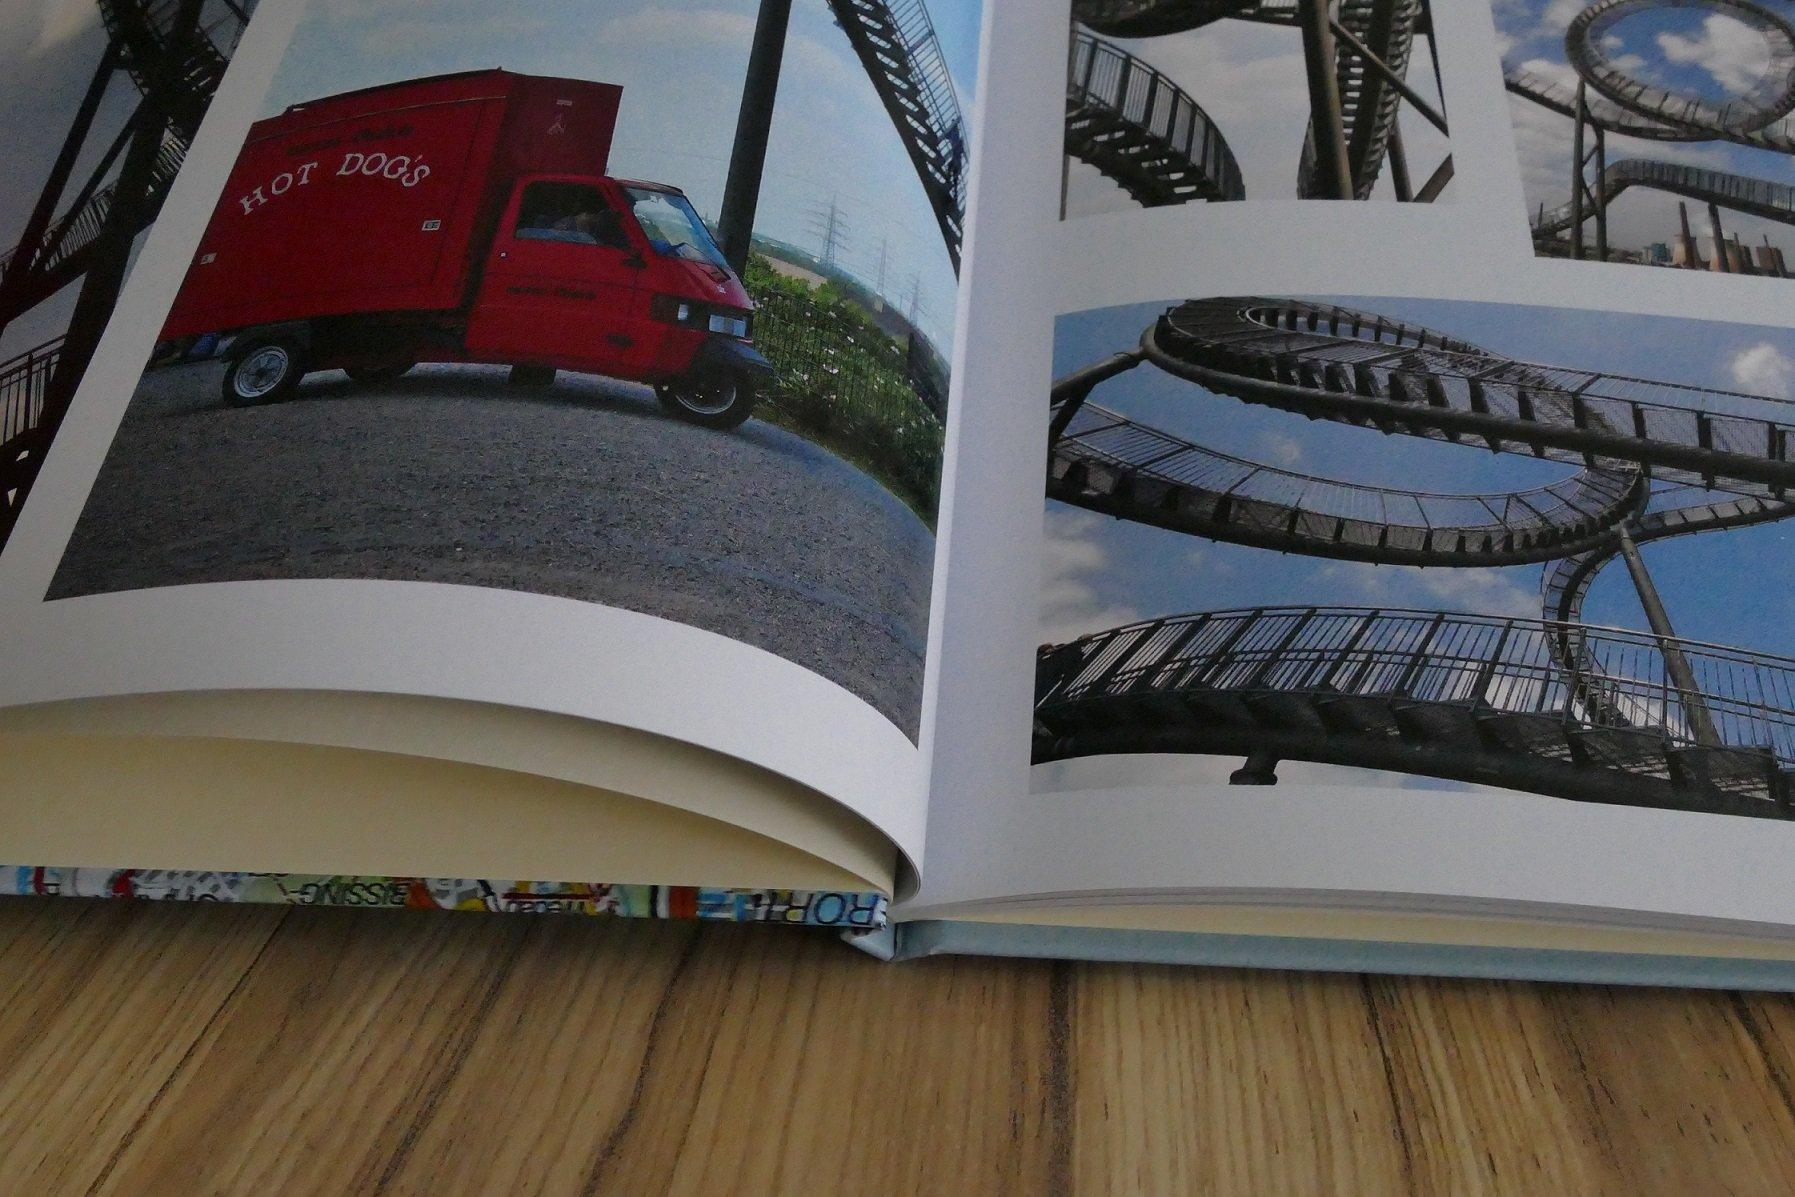 Fotobuch erstellen - © Fotogruppe Kulturladen Gartenstadt